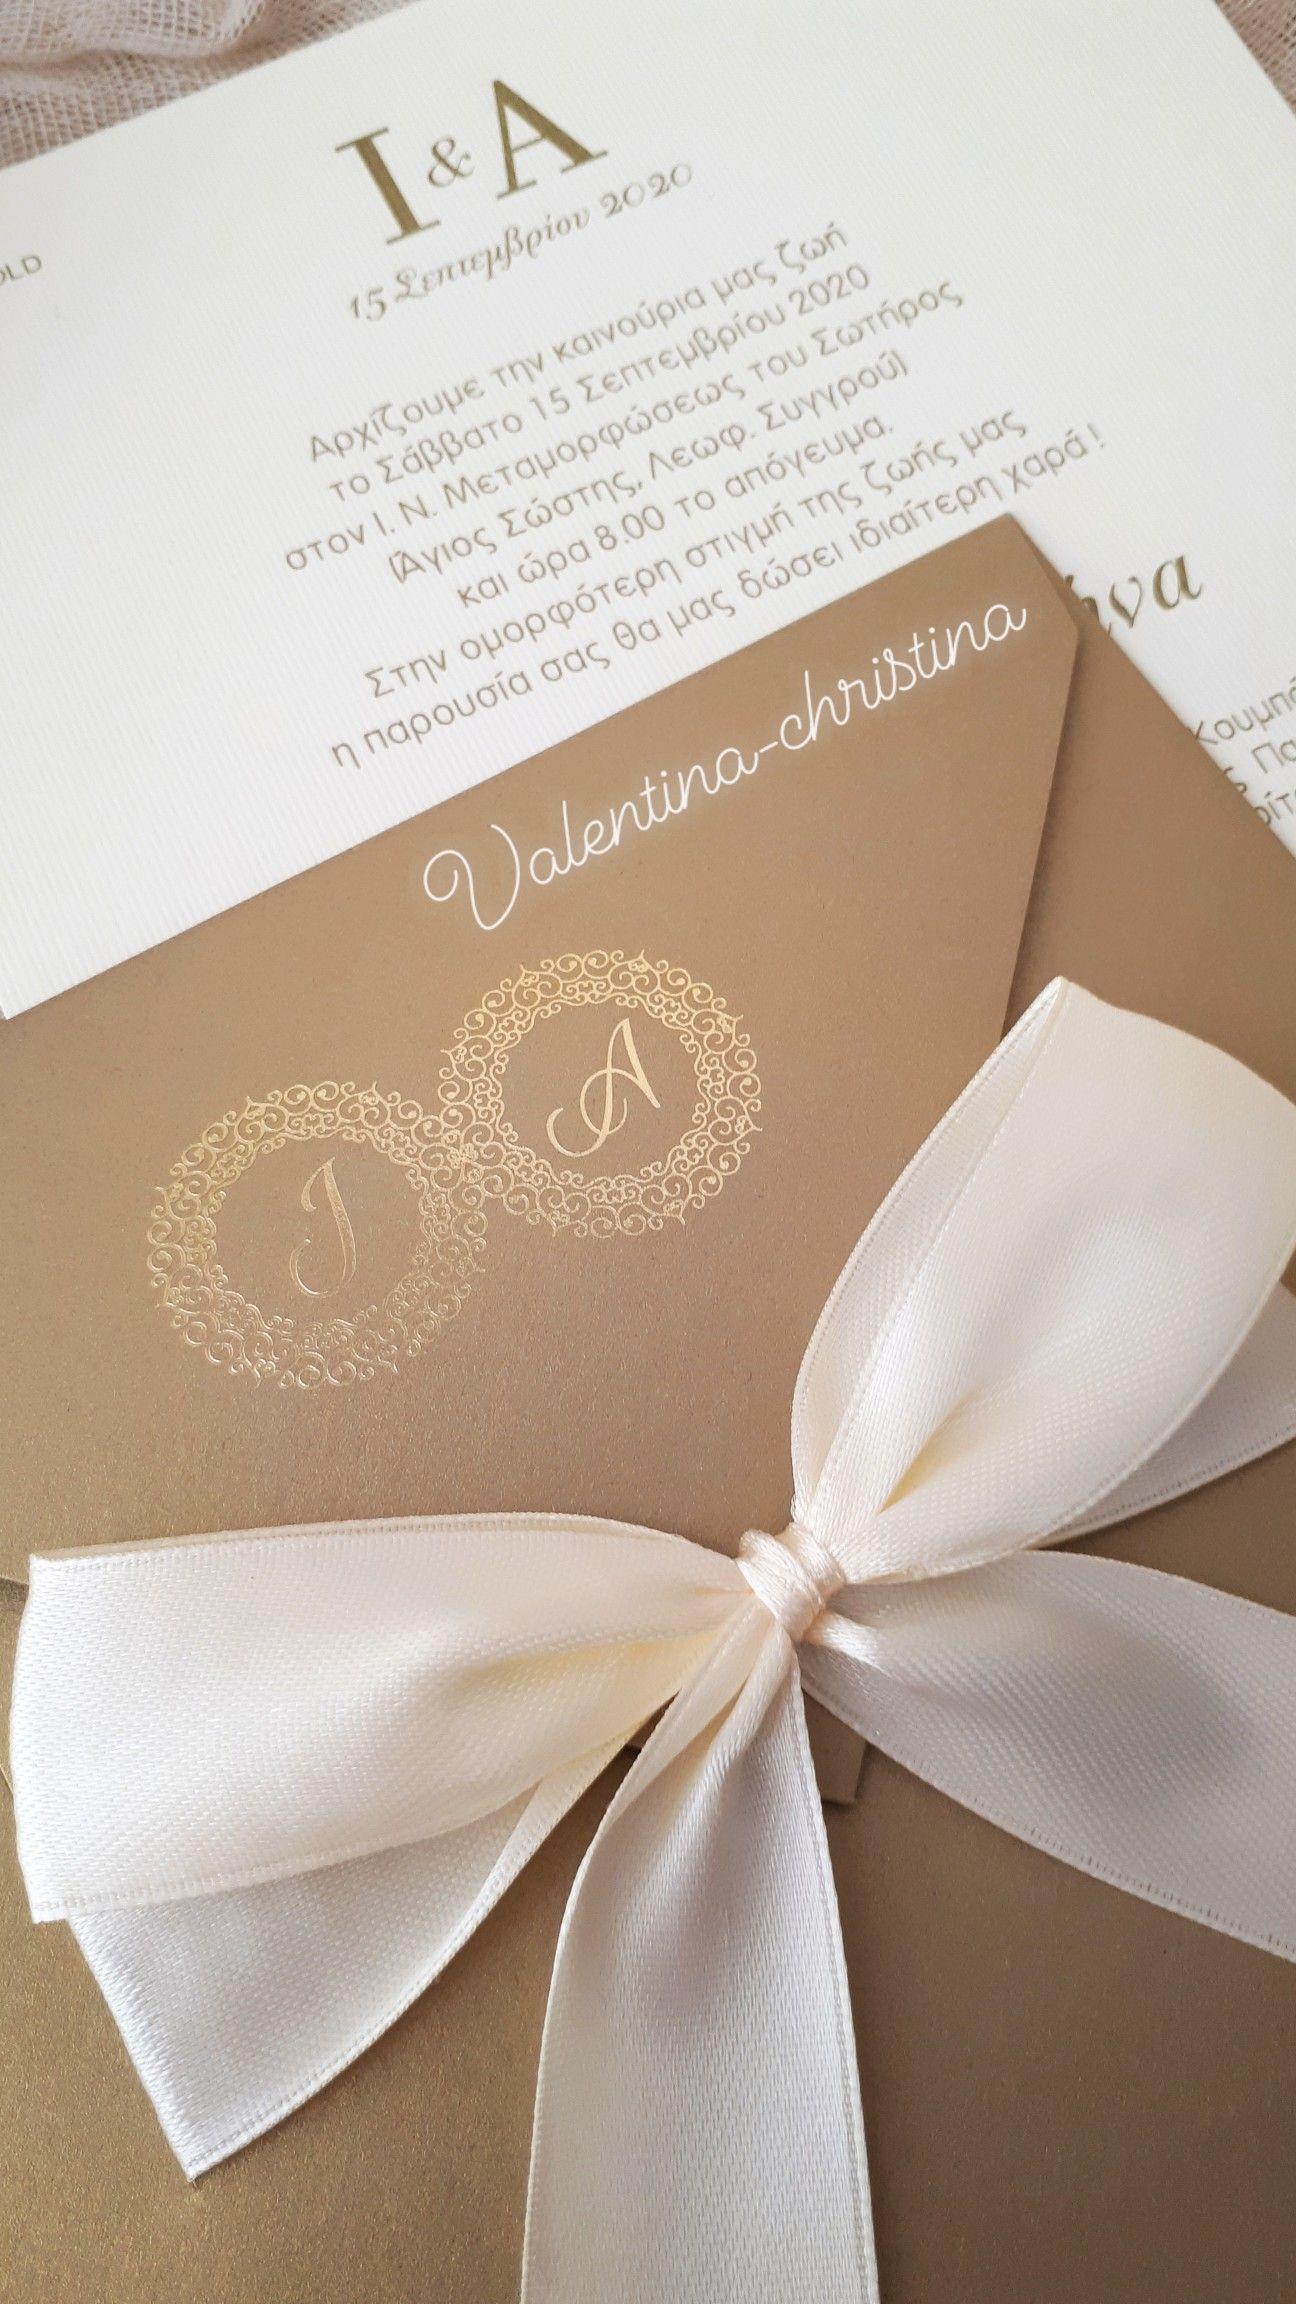 ab7239cbd029 Προσκλητήρια γάμου σε κλασική γραμμή σε χρυσό μεταλιζε φάκελο με χρυσοτυπια  τα αρχικά του ζευγαριού by